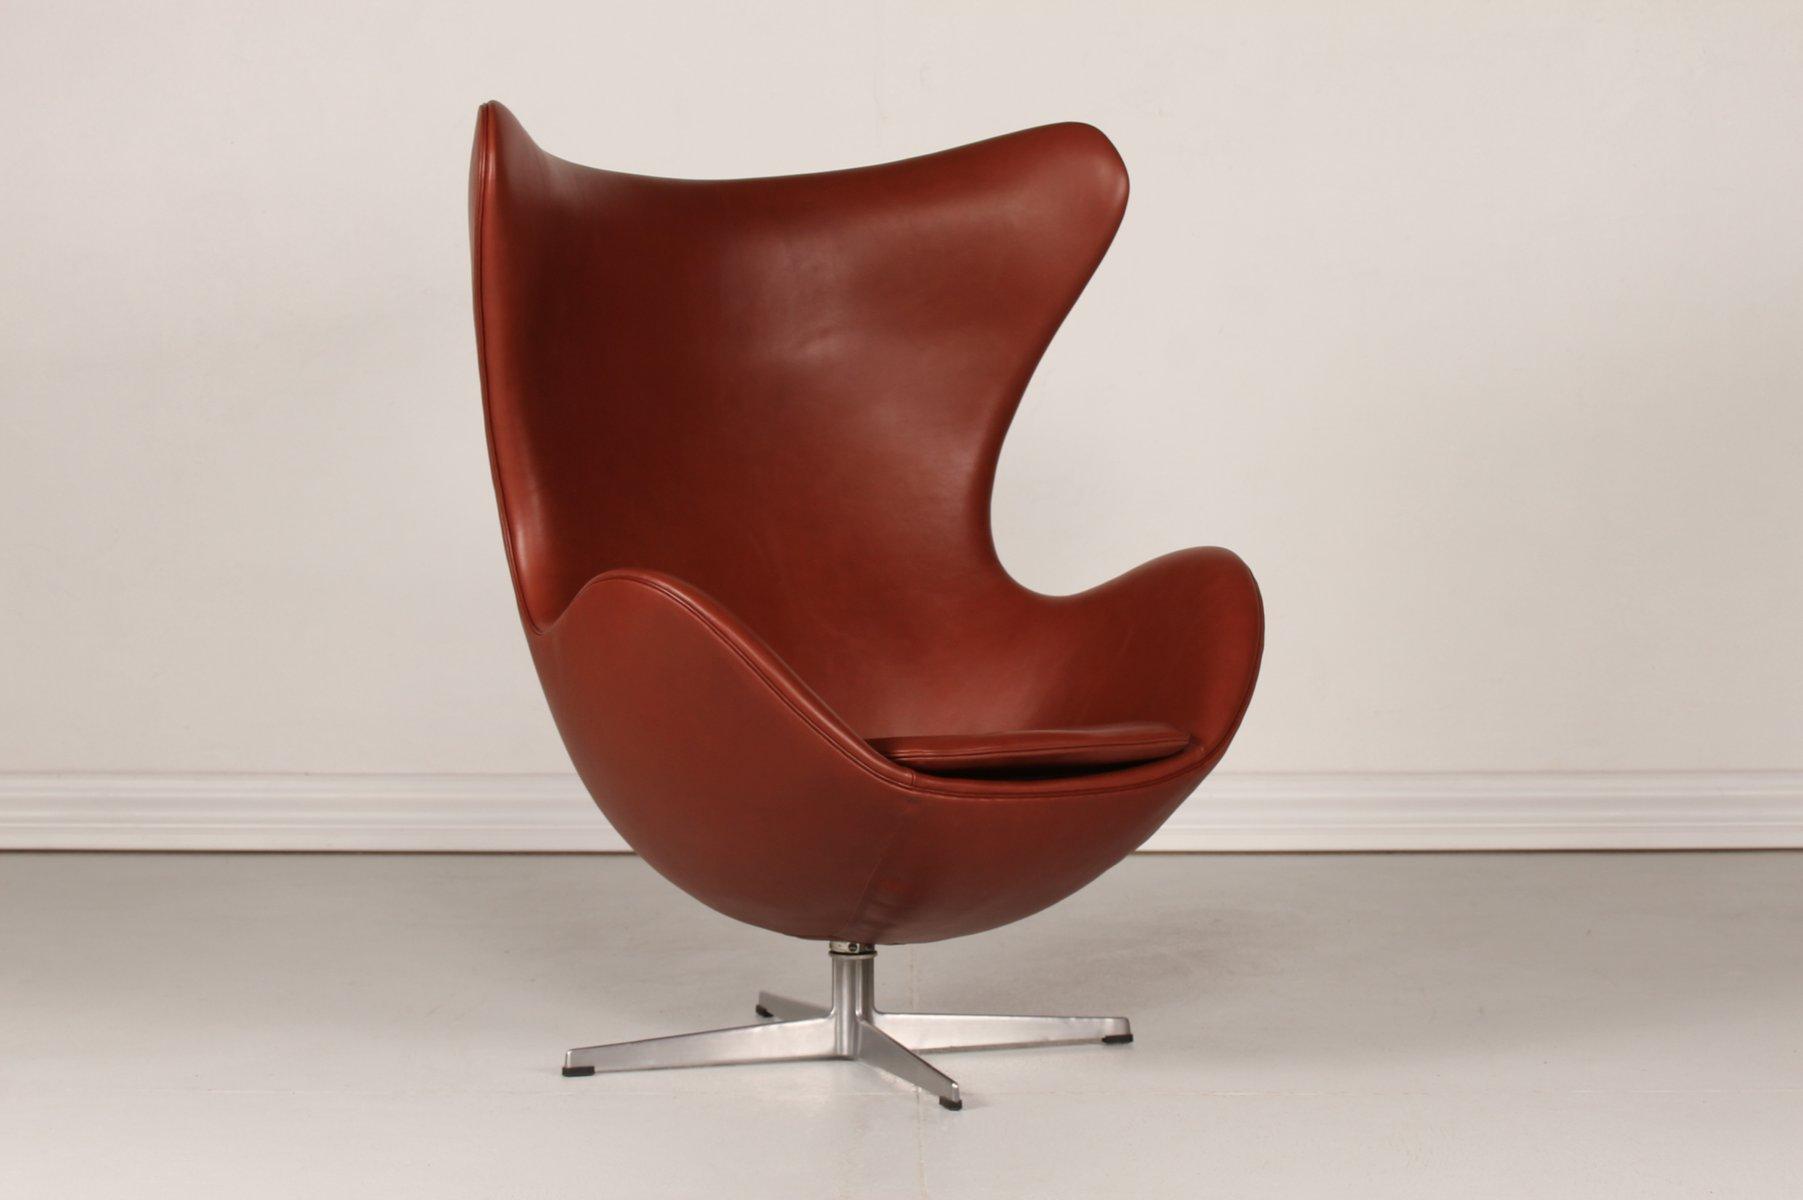 Fritz Hansen Stoel : Arne jacobsen egg chair fritz hansen mid mod design